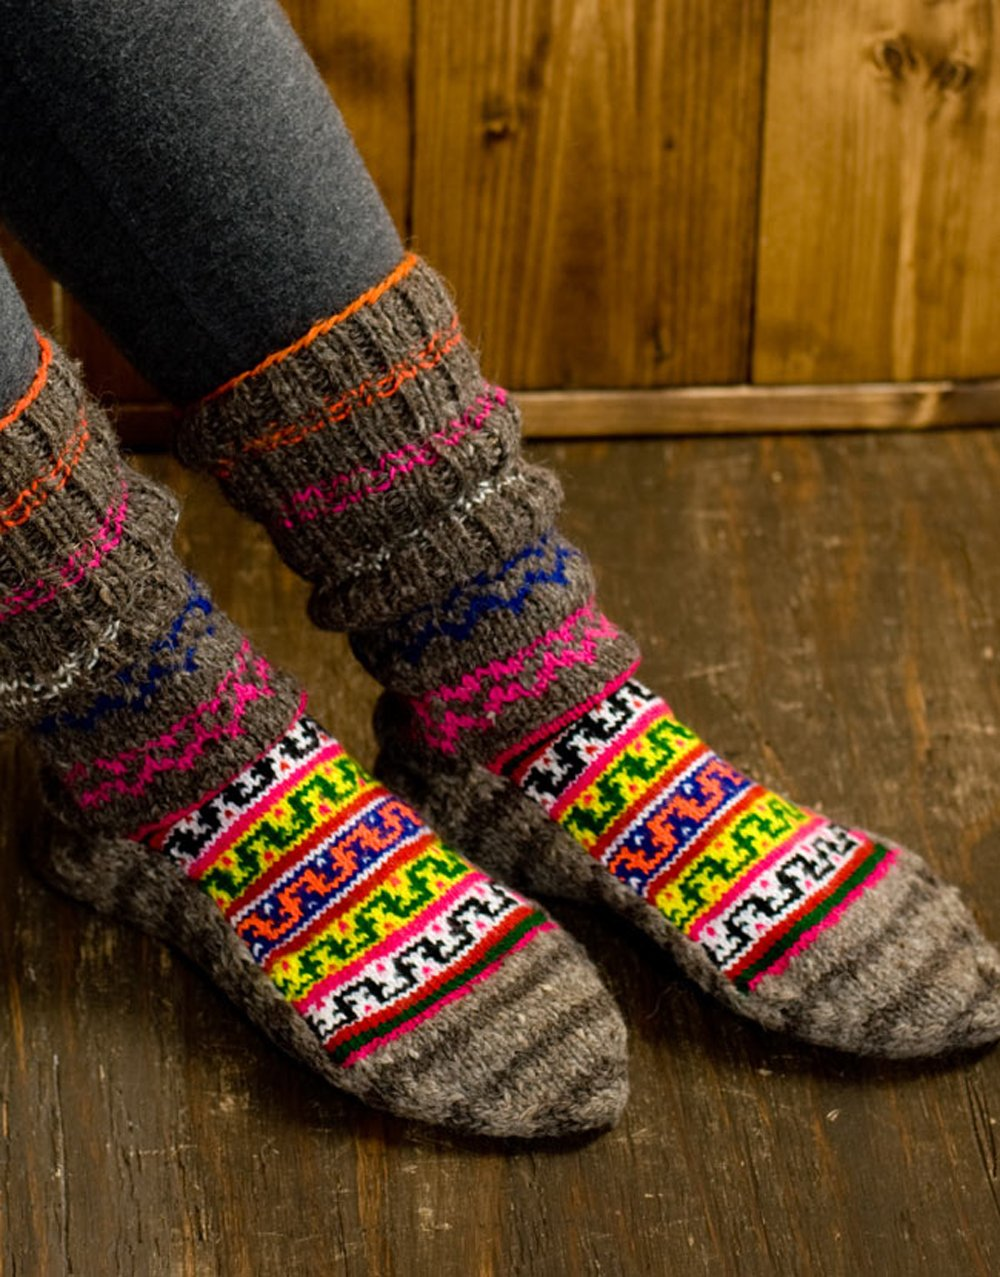 マナリの靴下 - シンプルウール 11 - 実際に履いてみました。足のサイズ23?のスタッフでも25?のスタッフでも問題なくはけました。重ね履きする場合はちょっと滑りが悪く履きにくい場合もあるかと思いますので、薄手の靴下と合わせることをオススメします。